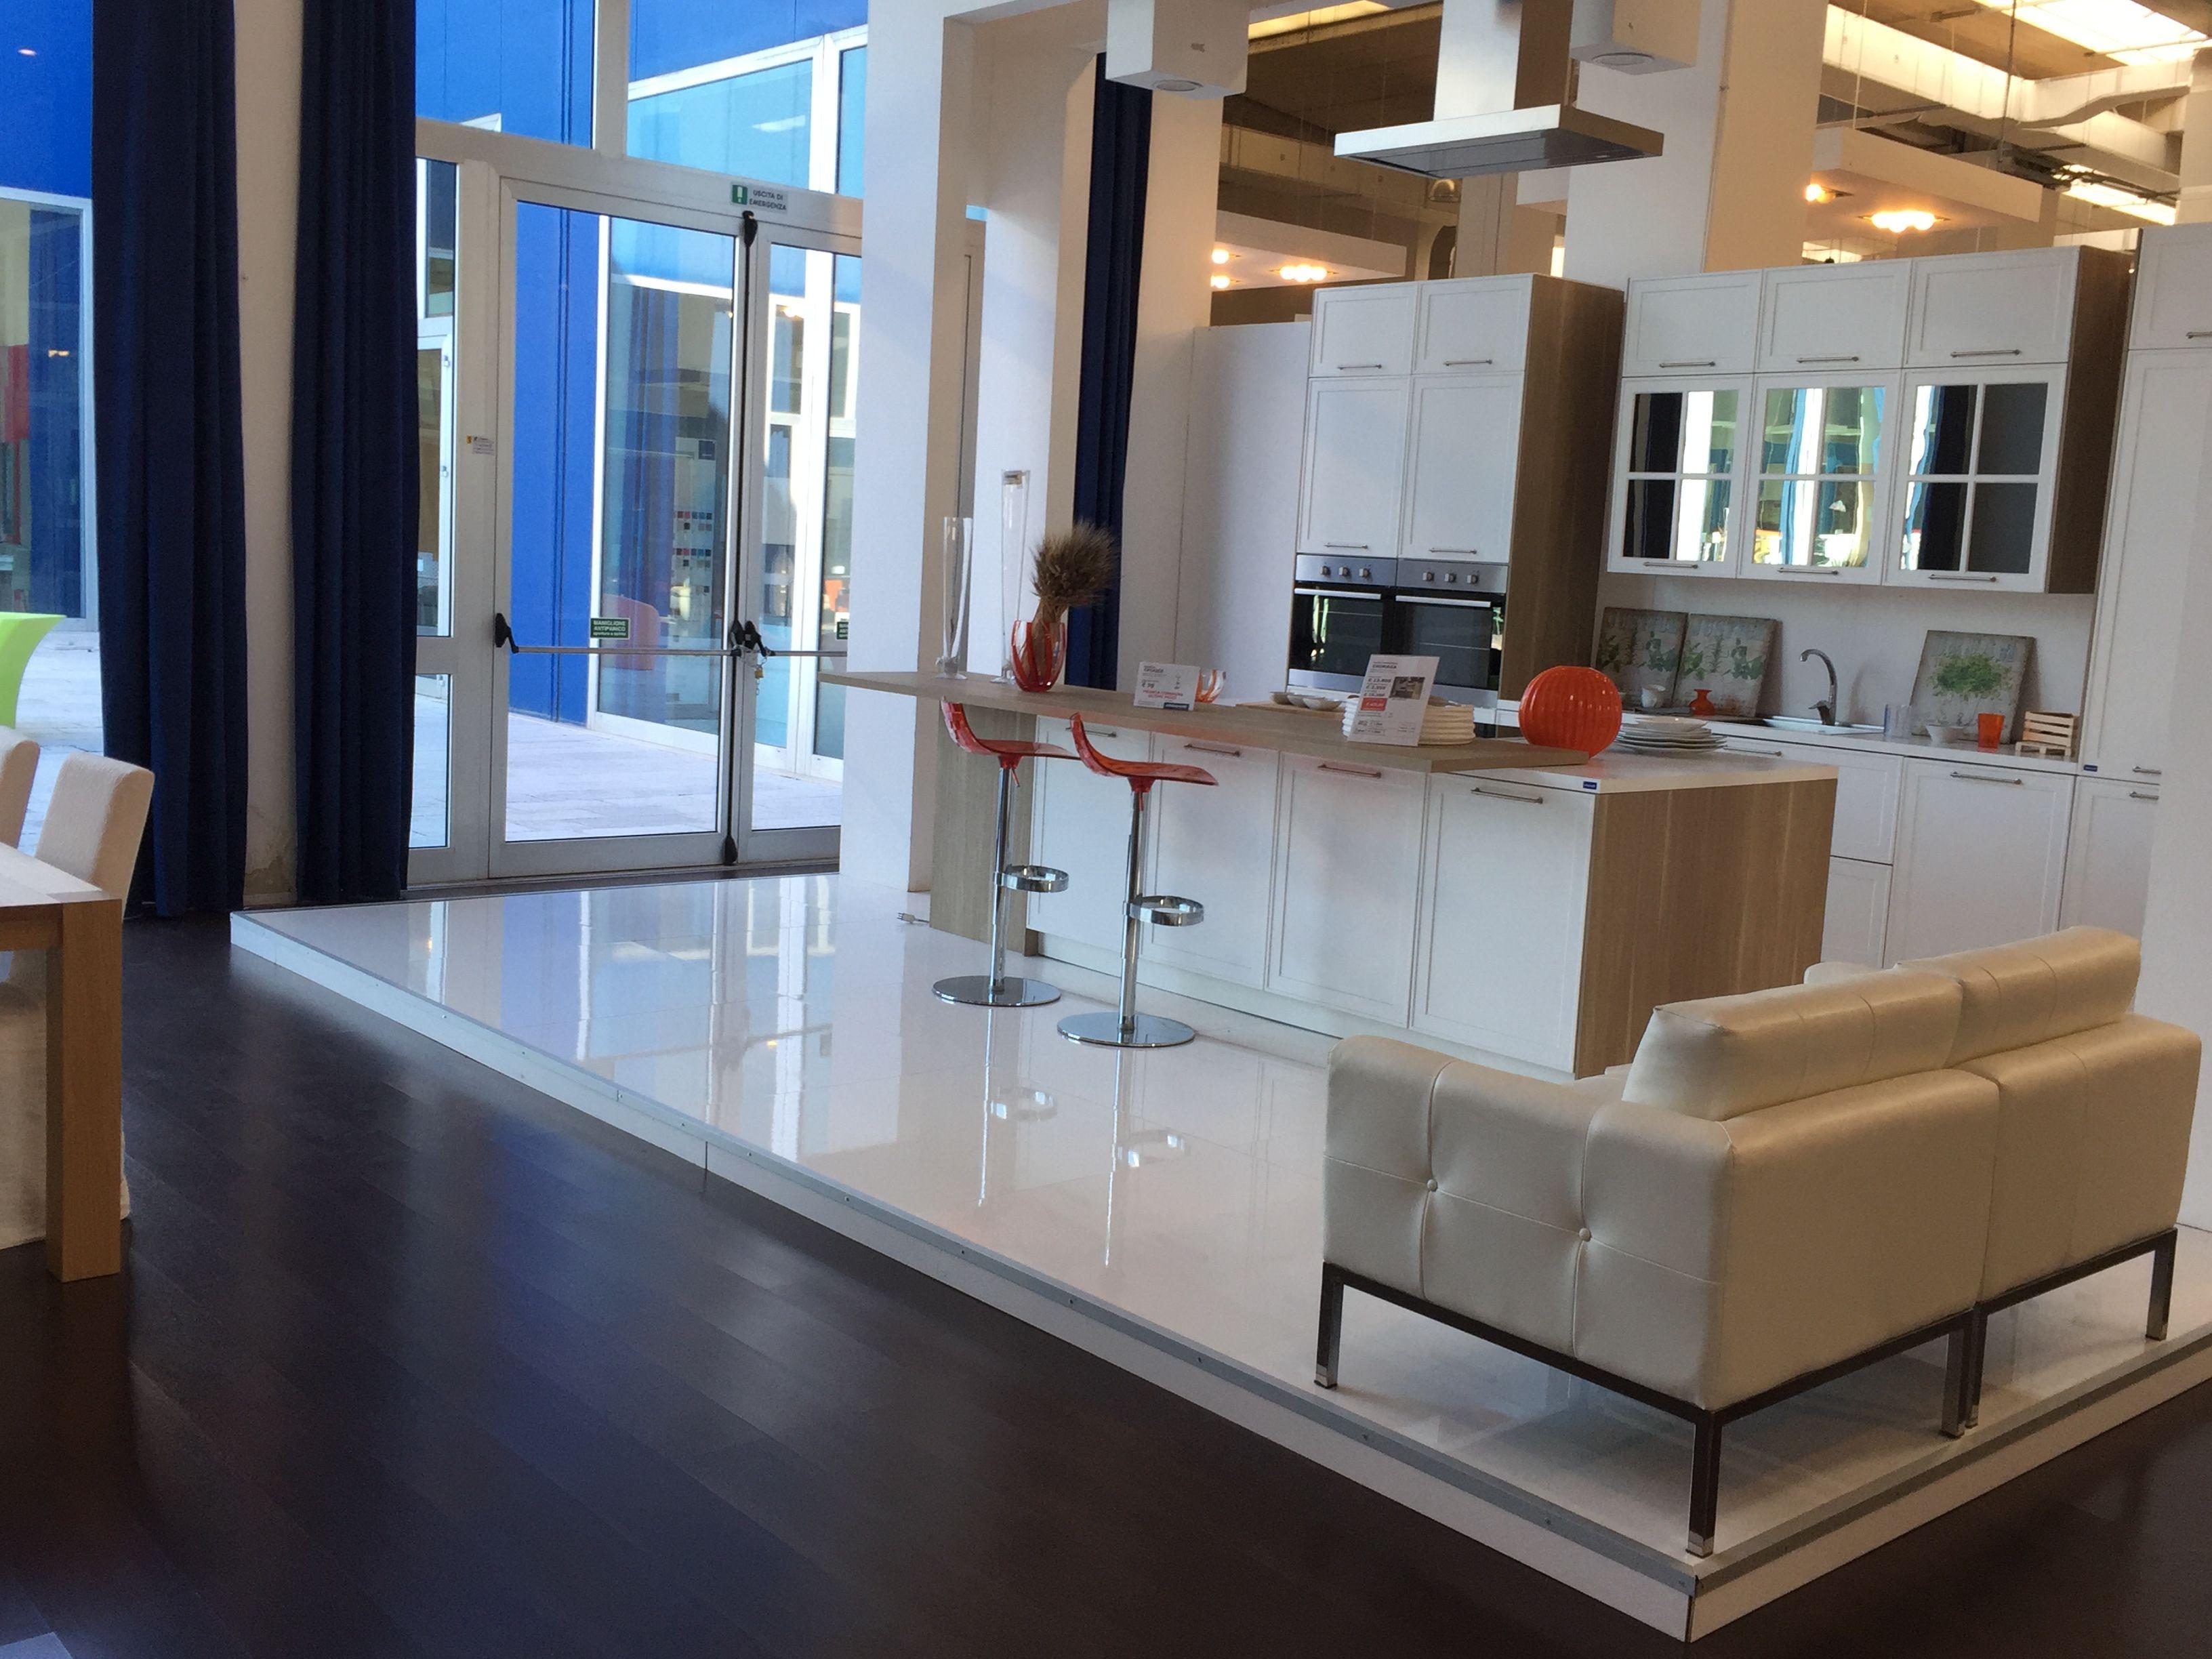 Chiarelli Center Arredamenti - Bari (Modugno) divani, cucine ...